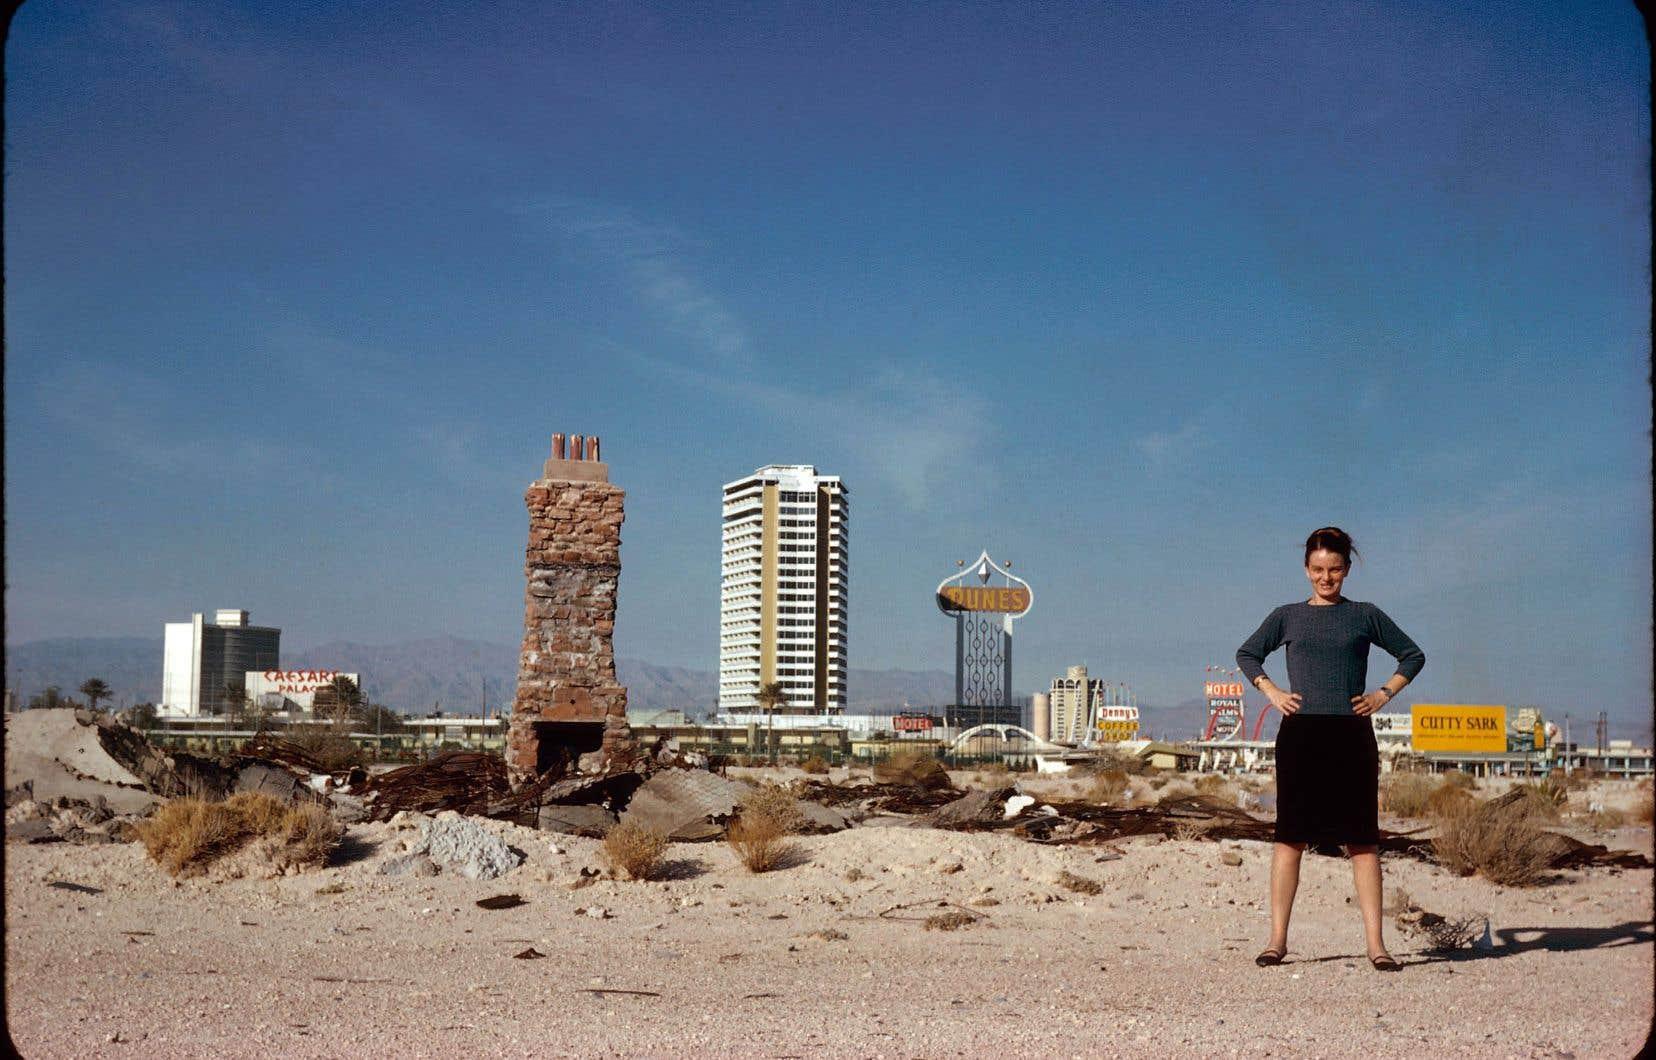 C'est en cherchant à réaliser un film sur la façon de concevoir des villes à échelle plus humaine que le réalisateur Joseph Hillel s'est retrouvé par hasard au carrefour de la vie de quatre femmes hors normes, devenues, au siècle dernier, des moteurs de changement dans le monde très masculin de l'architecture et de l'urbanisme, dont Denise Scott Brown.